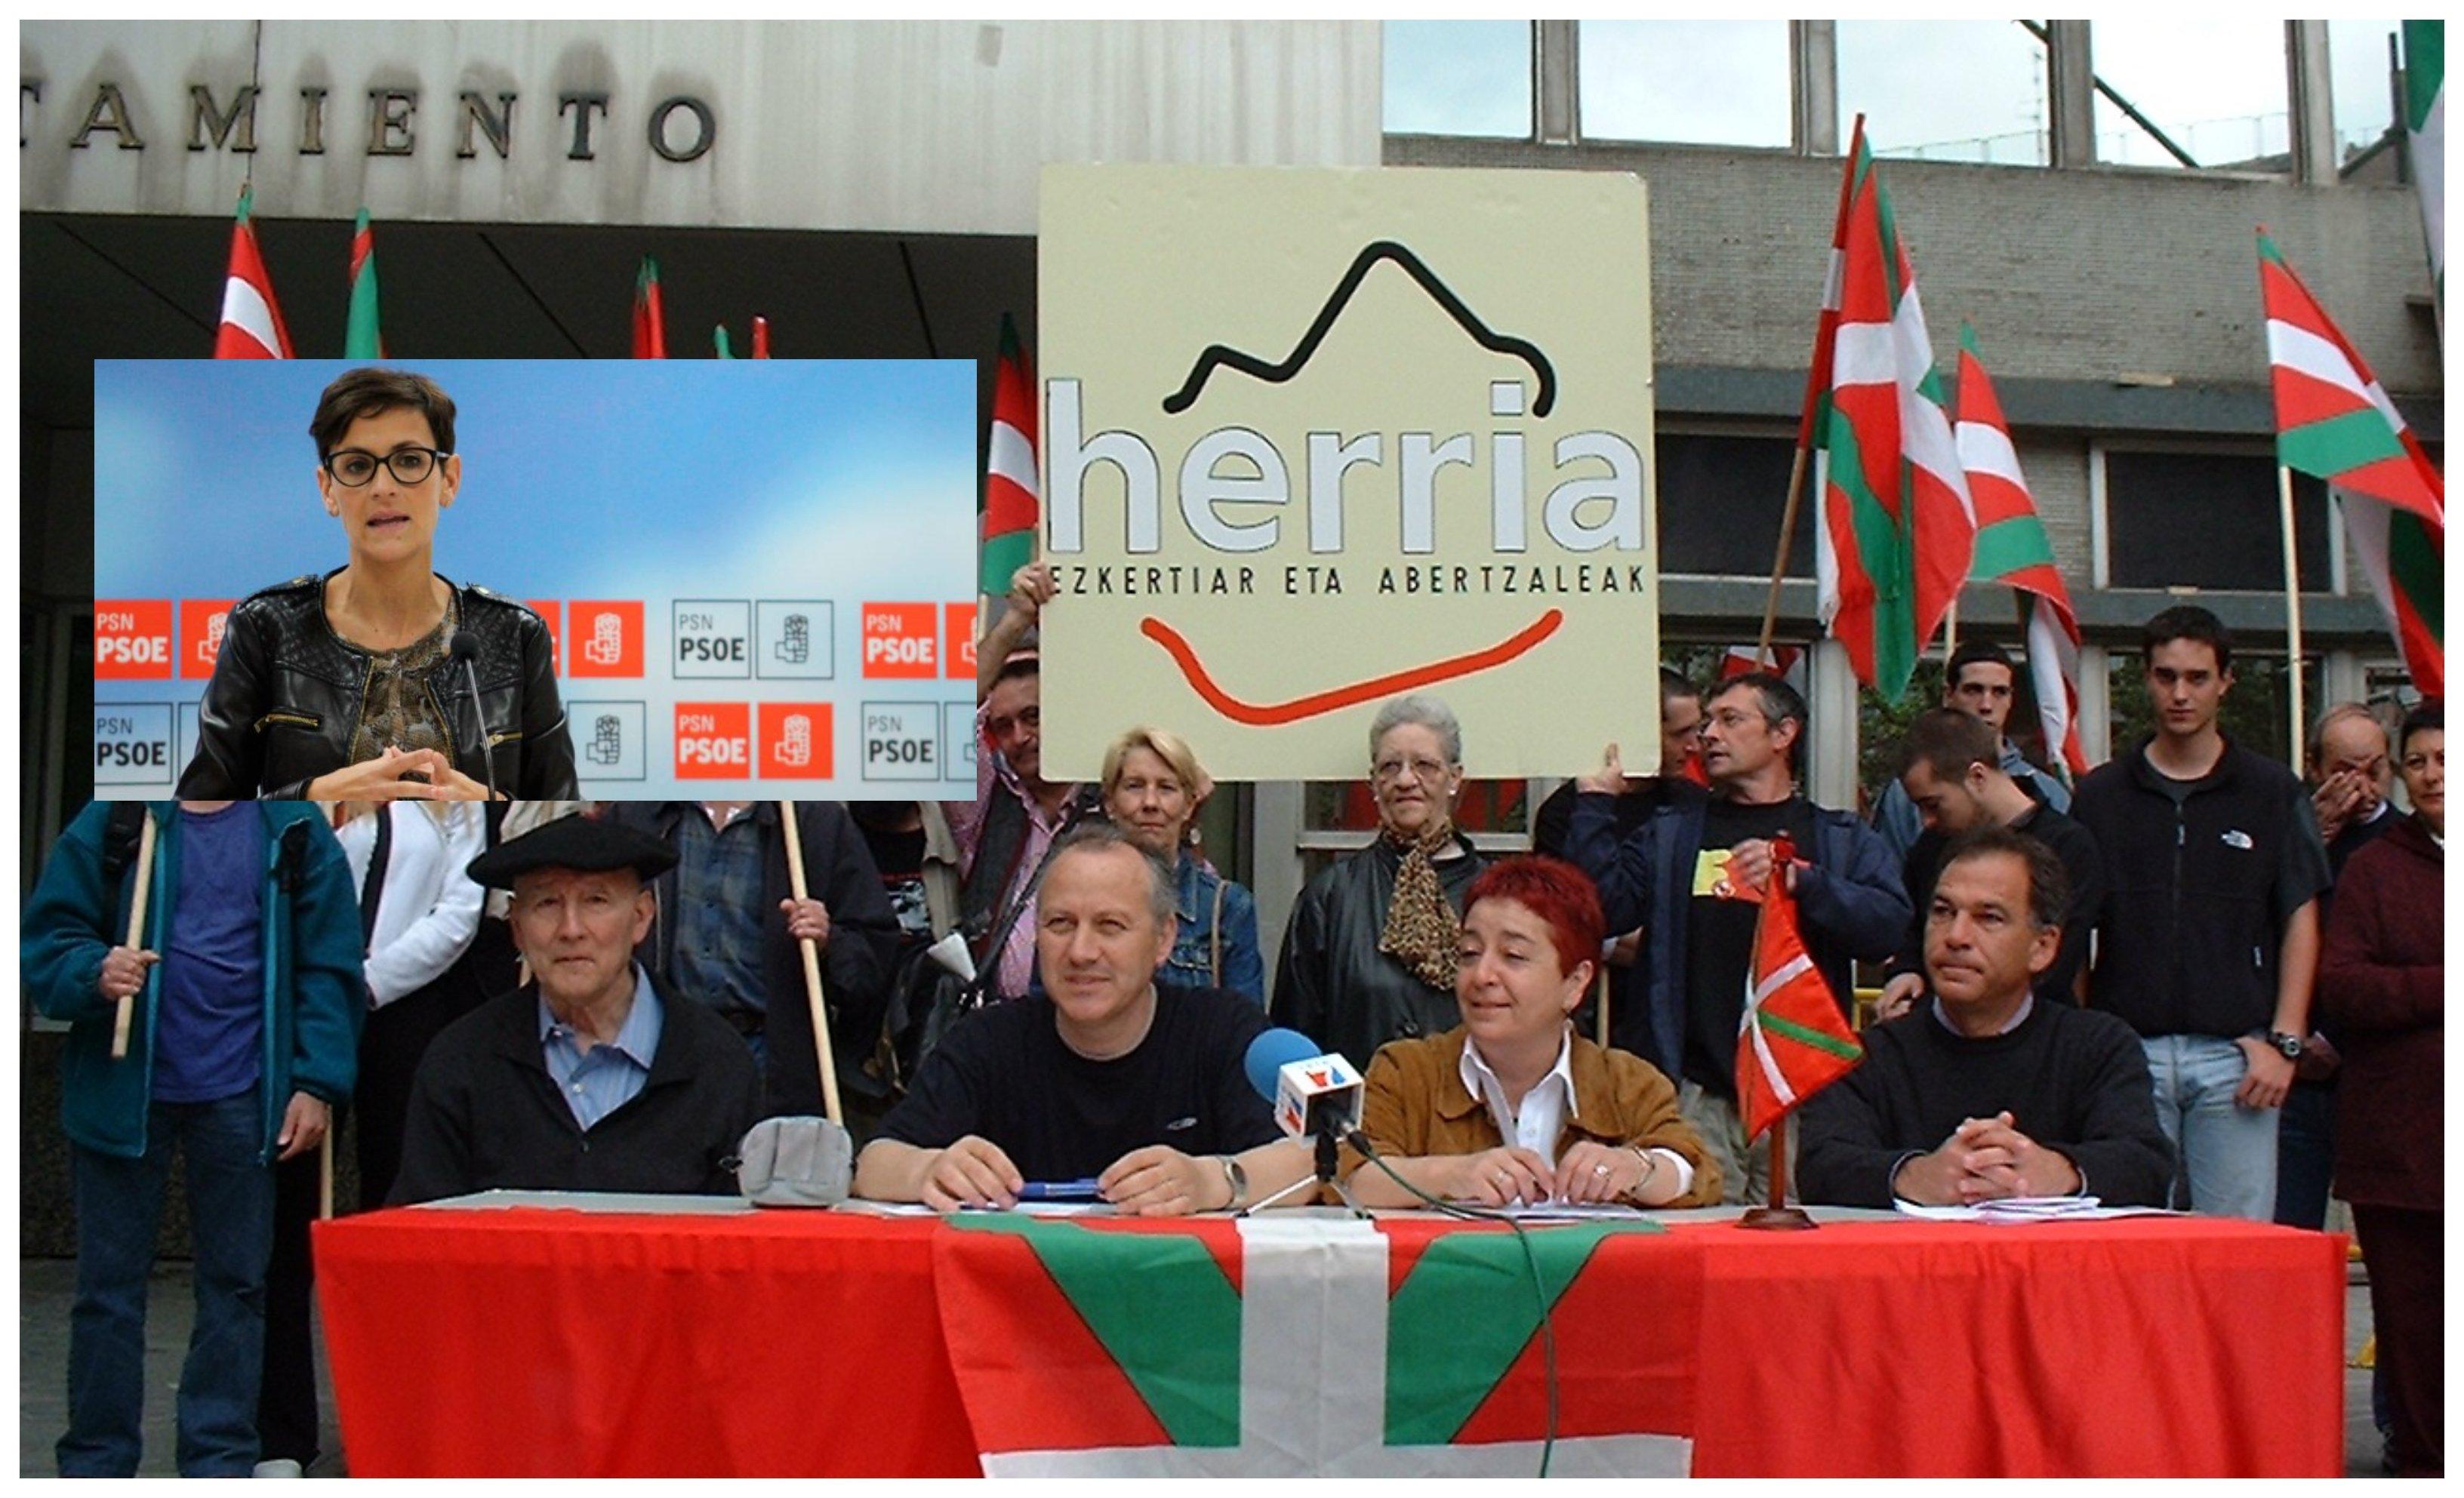 El abertzalismo crece en Navarra bajo la Presidencia de la socialista Chivite